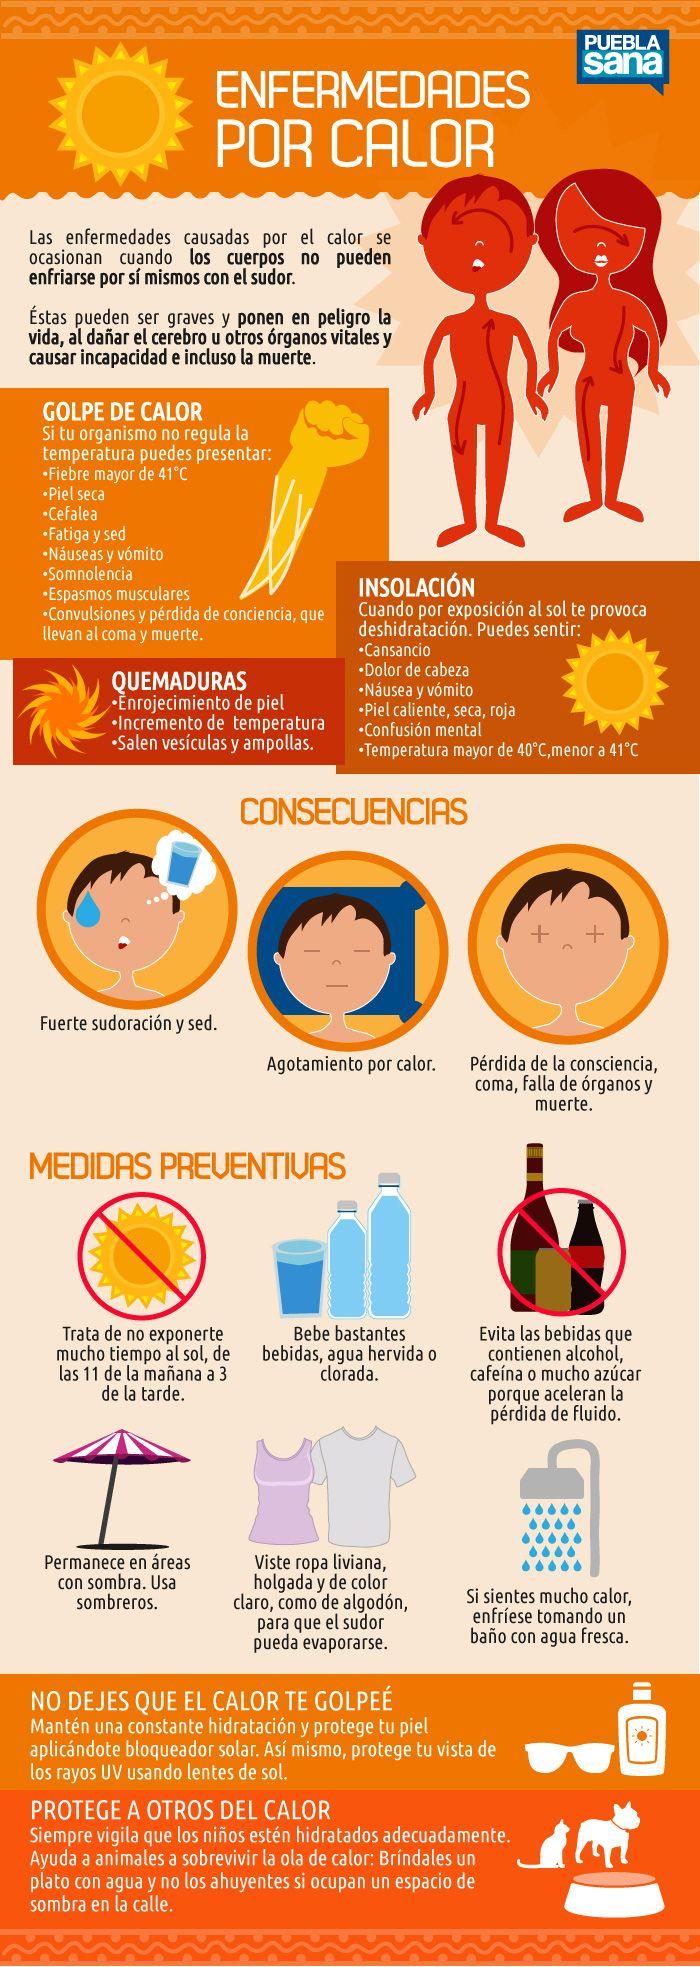 En caso de extremo calor, recuerda siempre mantenerte hidratado y usar un buen protector sola ¡Cuídate y cuida a los que más quieres!